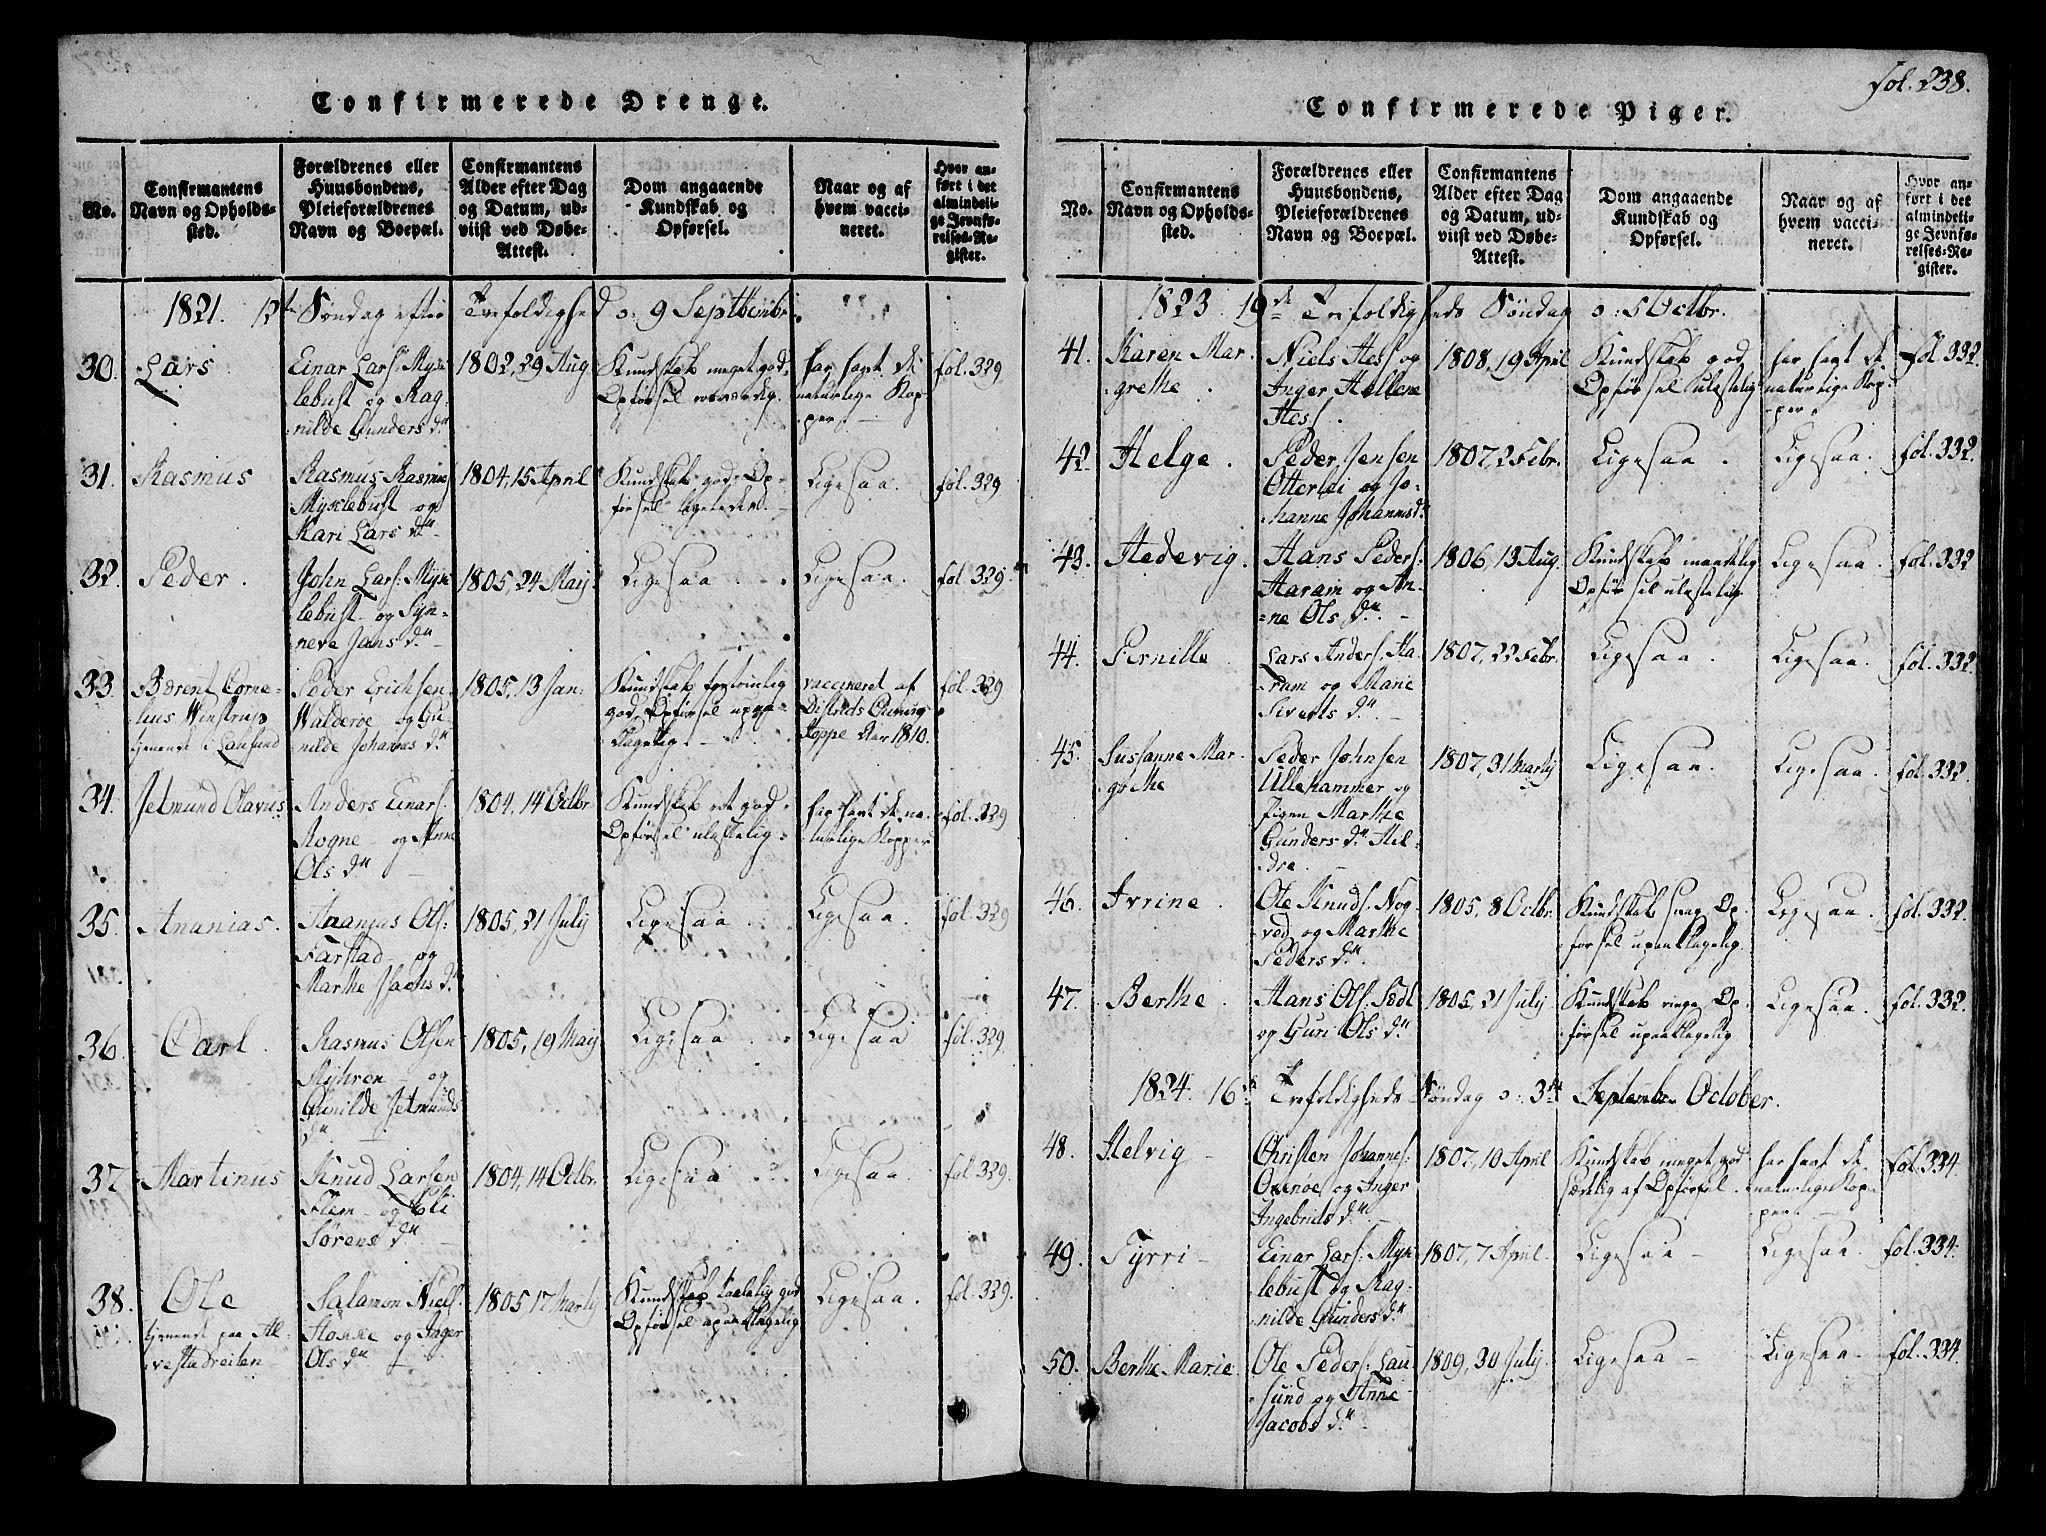 SAT, Ministerialprotokoller, klokkerbøker og fødselsregistre - Møre og Romsdal, 536/L0495: Ministerialbok nr. 536A04, 1818-1847, s. 238